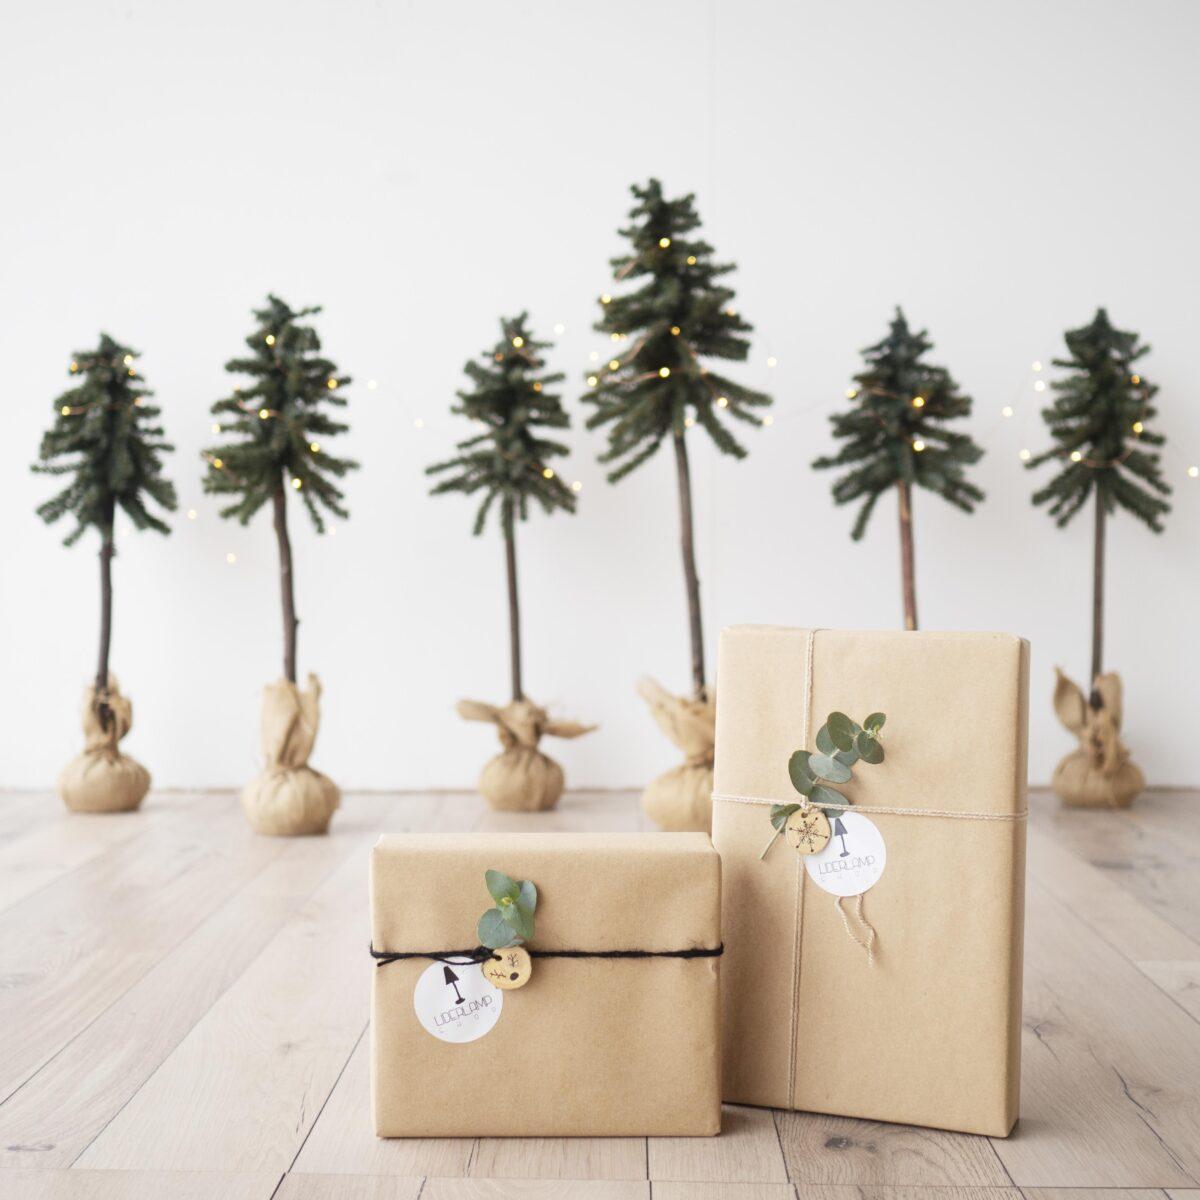 Te ayudamos a encontrar el regalo perfecto